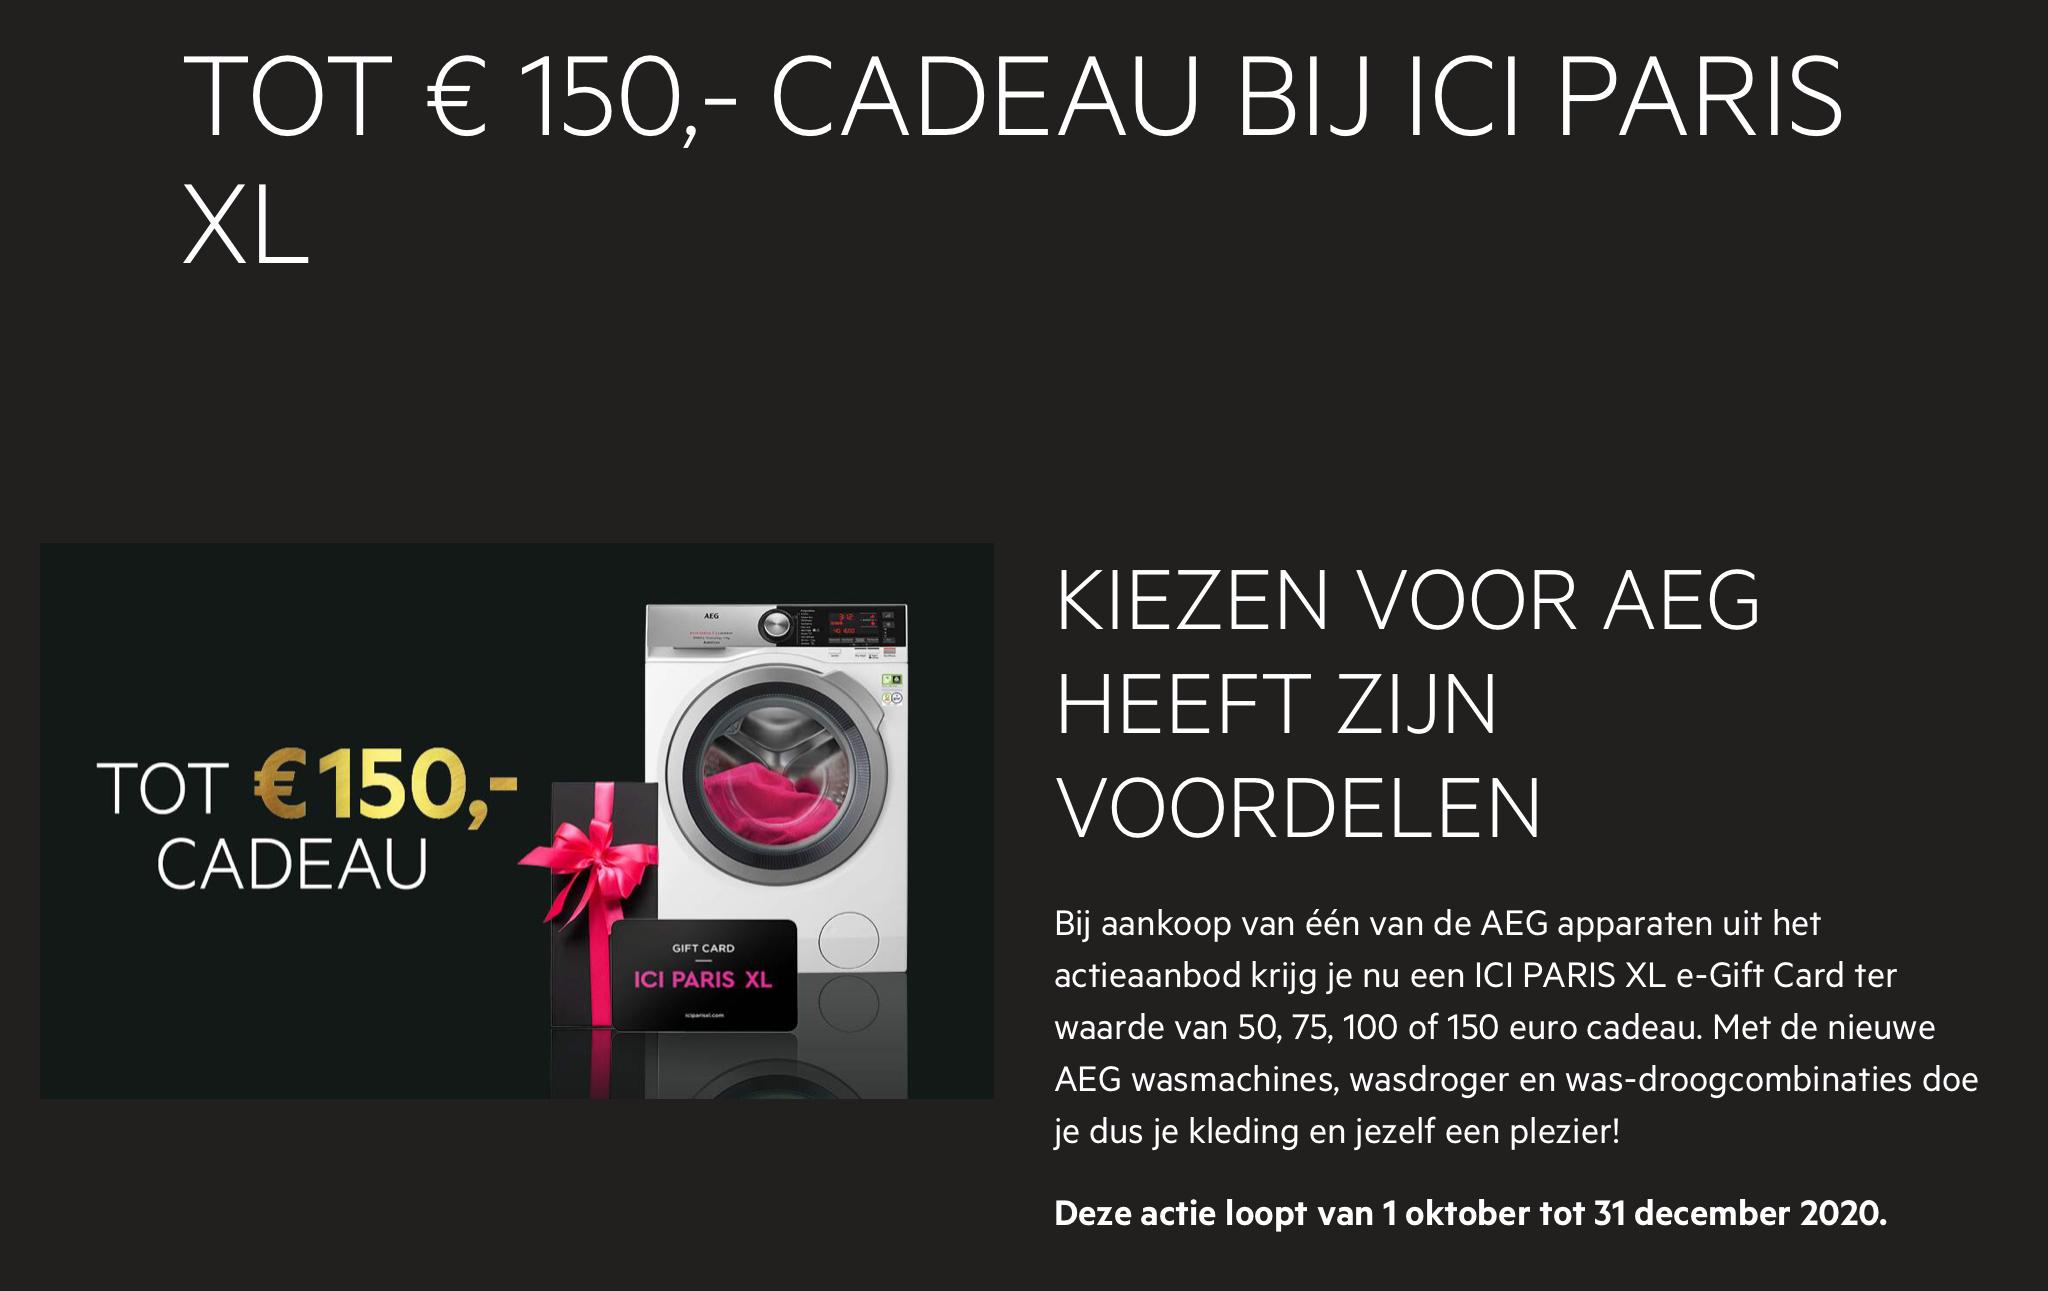 ICI PARIS XL e-gift Card t.w.v. 50,75,100 of 150 euro cadeau Bij aankoop van AEG wasmachine/droger uit het actieaanbod Uitgezonderd bol.com